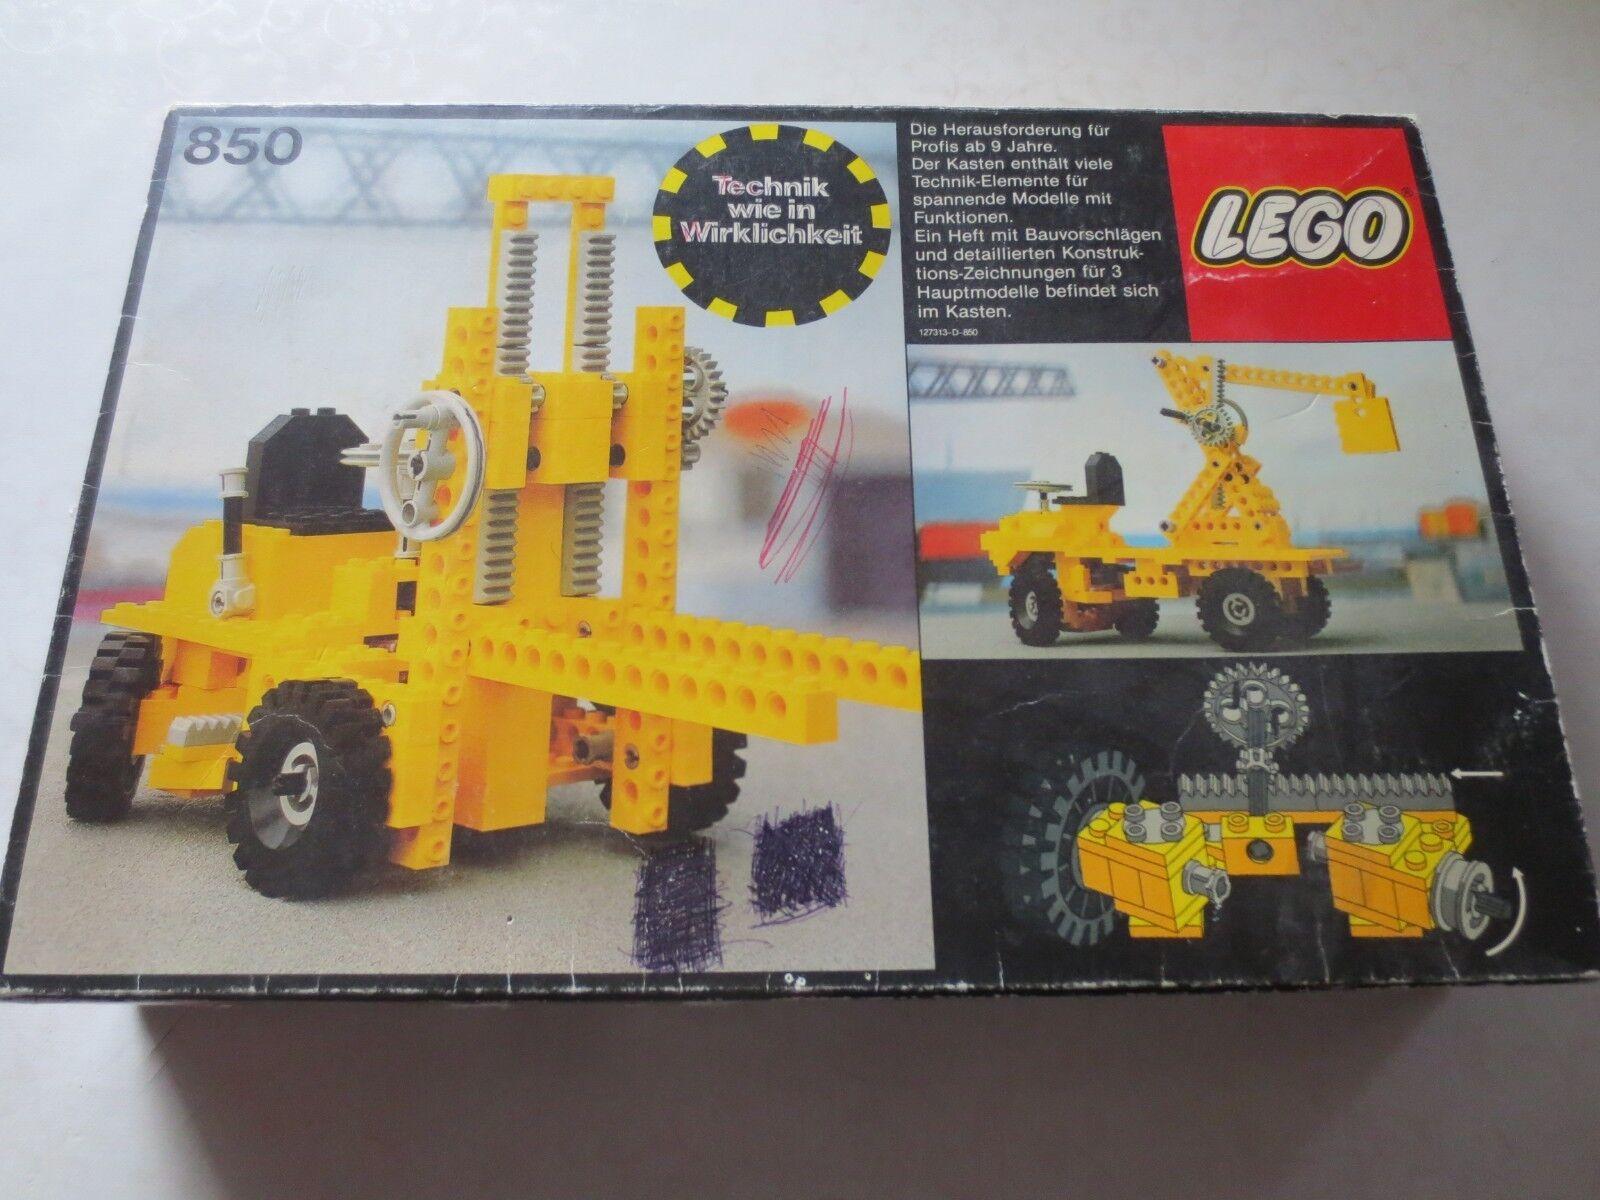 Lego Technic Gabelstapler 850 von 1977 mit OVP ohne Anleitung